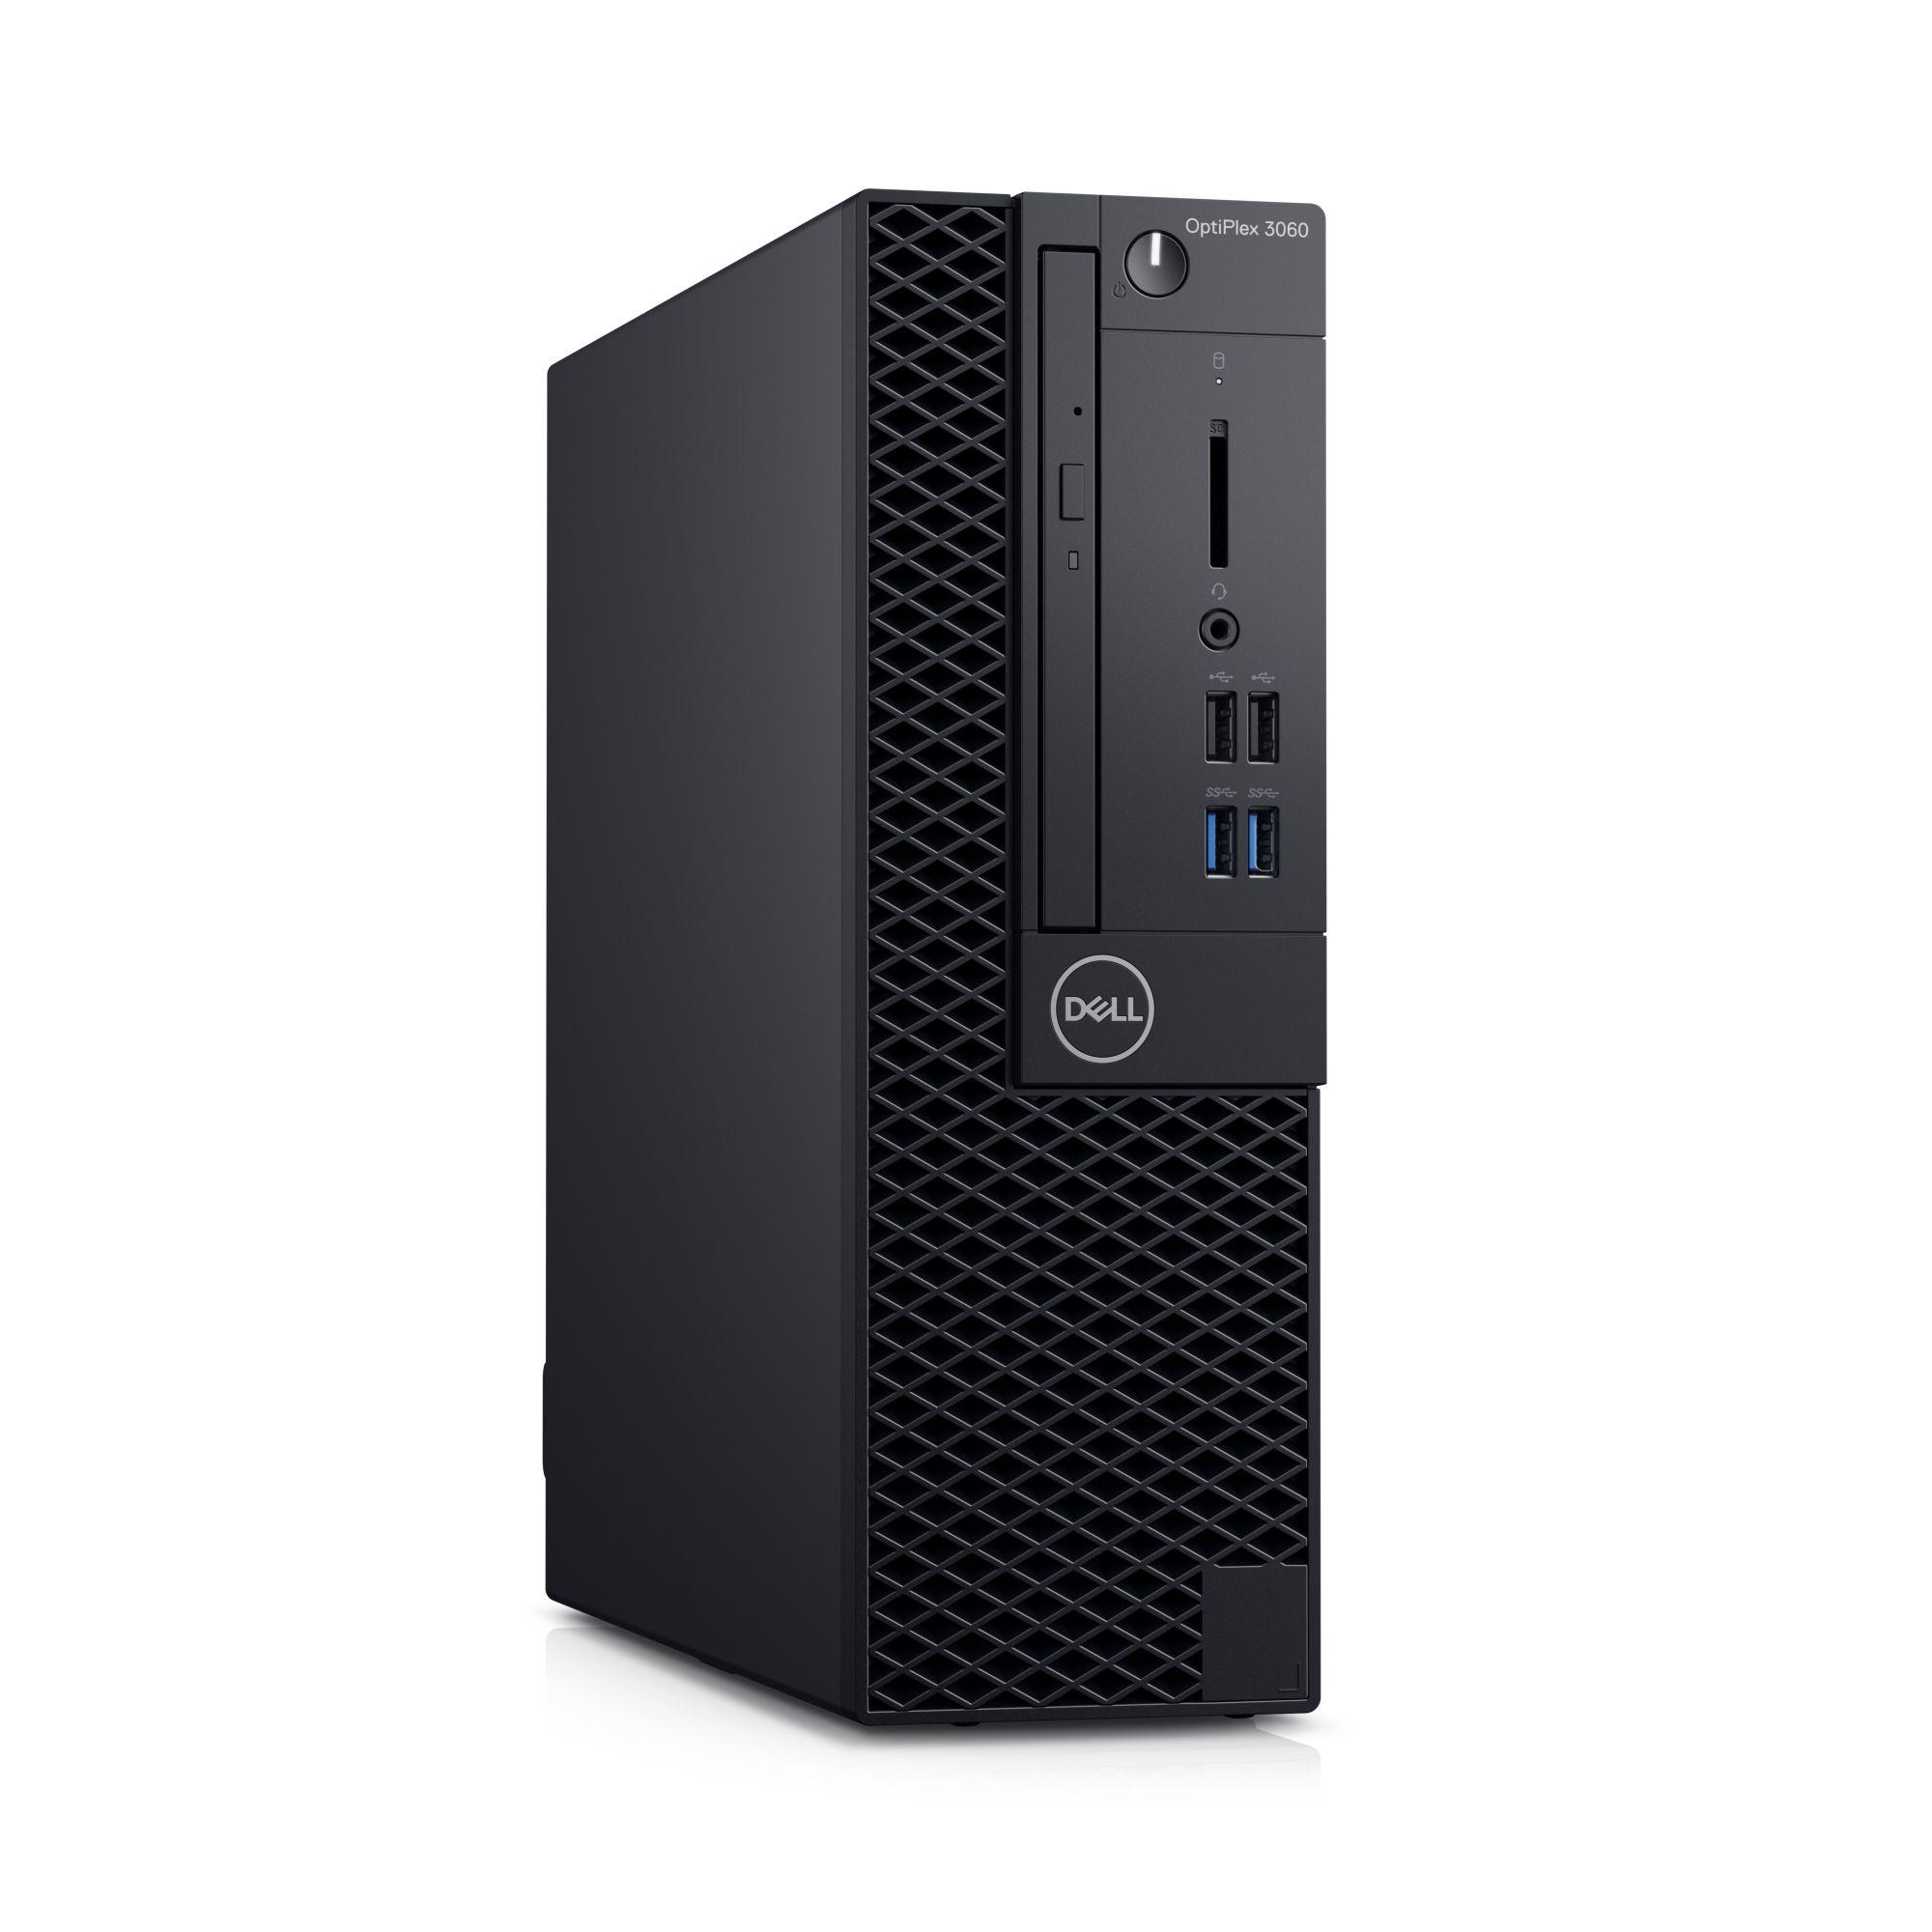 DELL OptiPlex SFF 3060/Core i3-8100/4GB/500GB/Intel UHD/DVD-RW/Win 10 Pro 64bit/3Yr NBD